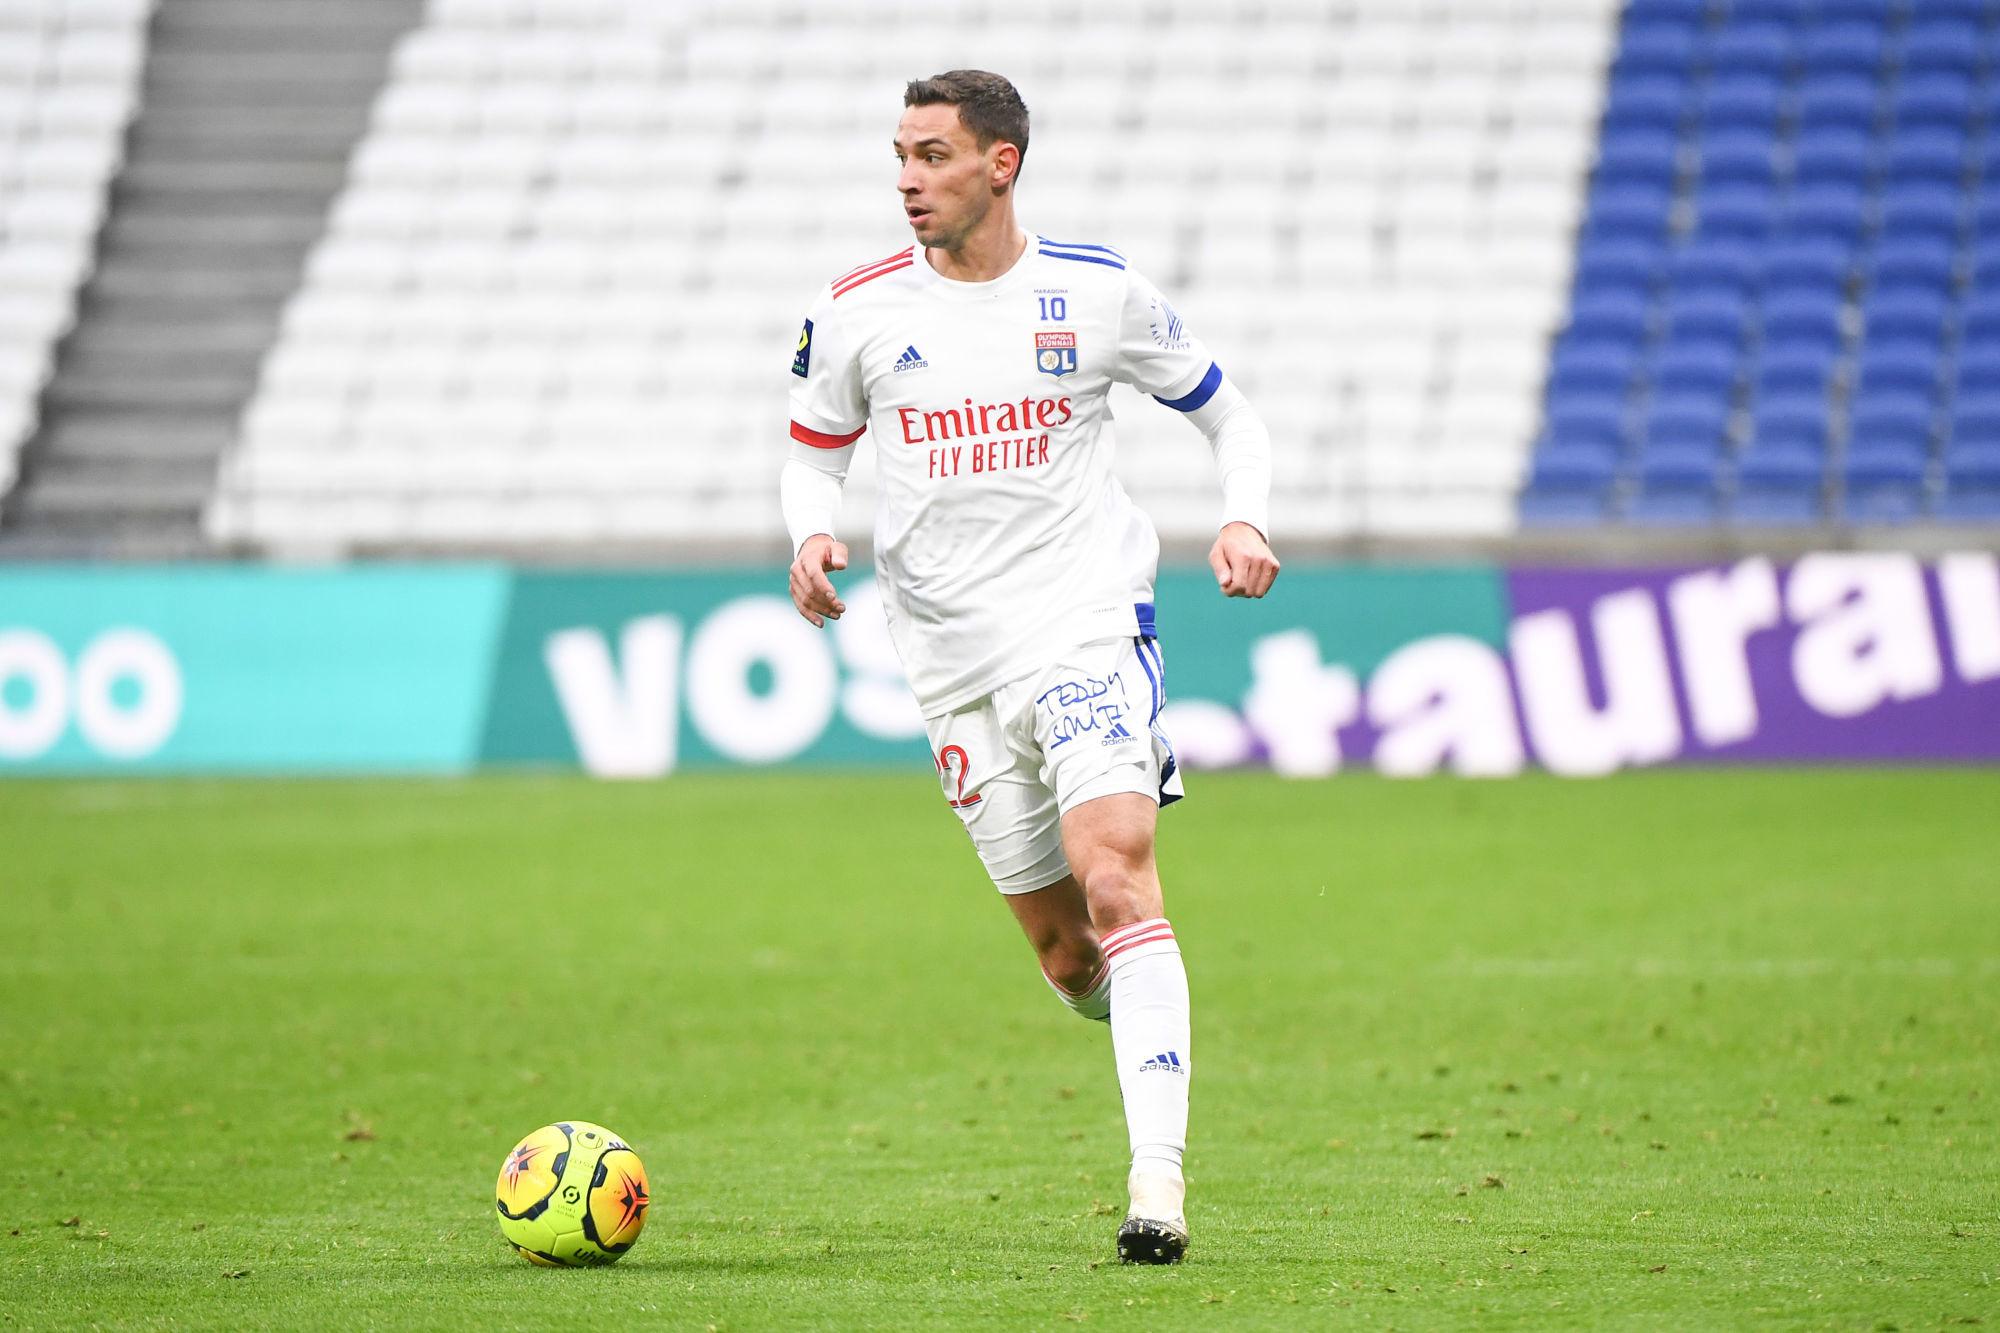 PSG/OL - De Sciglio est clair, les Lyonnais ont l'ambition de prendre les 3 points